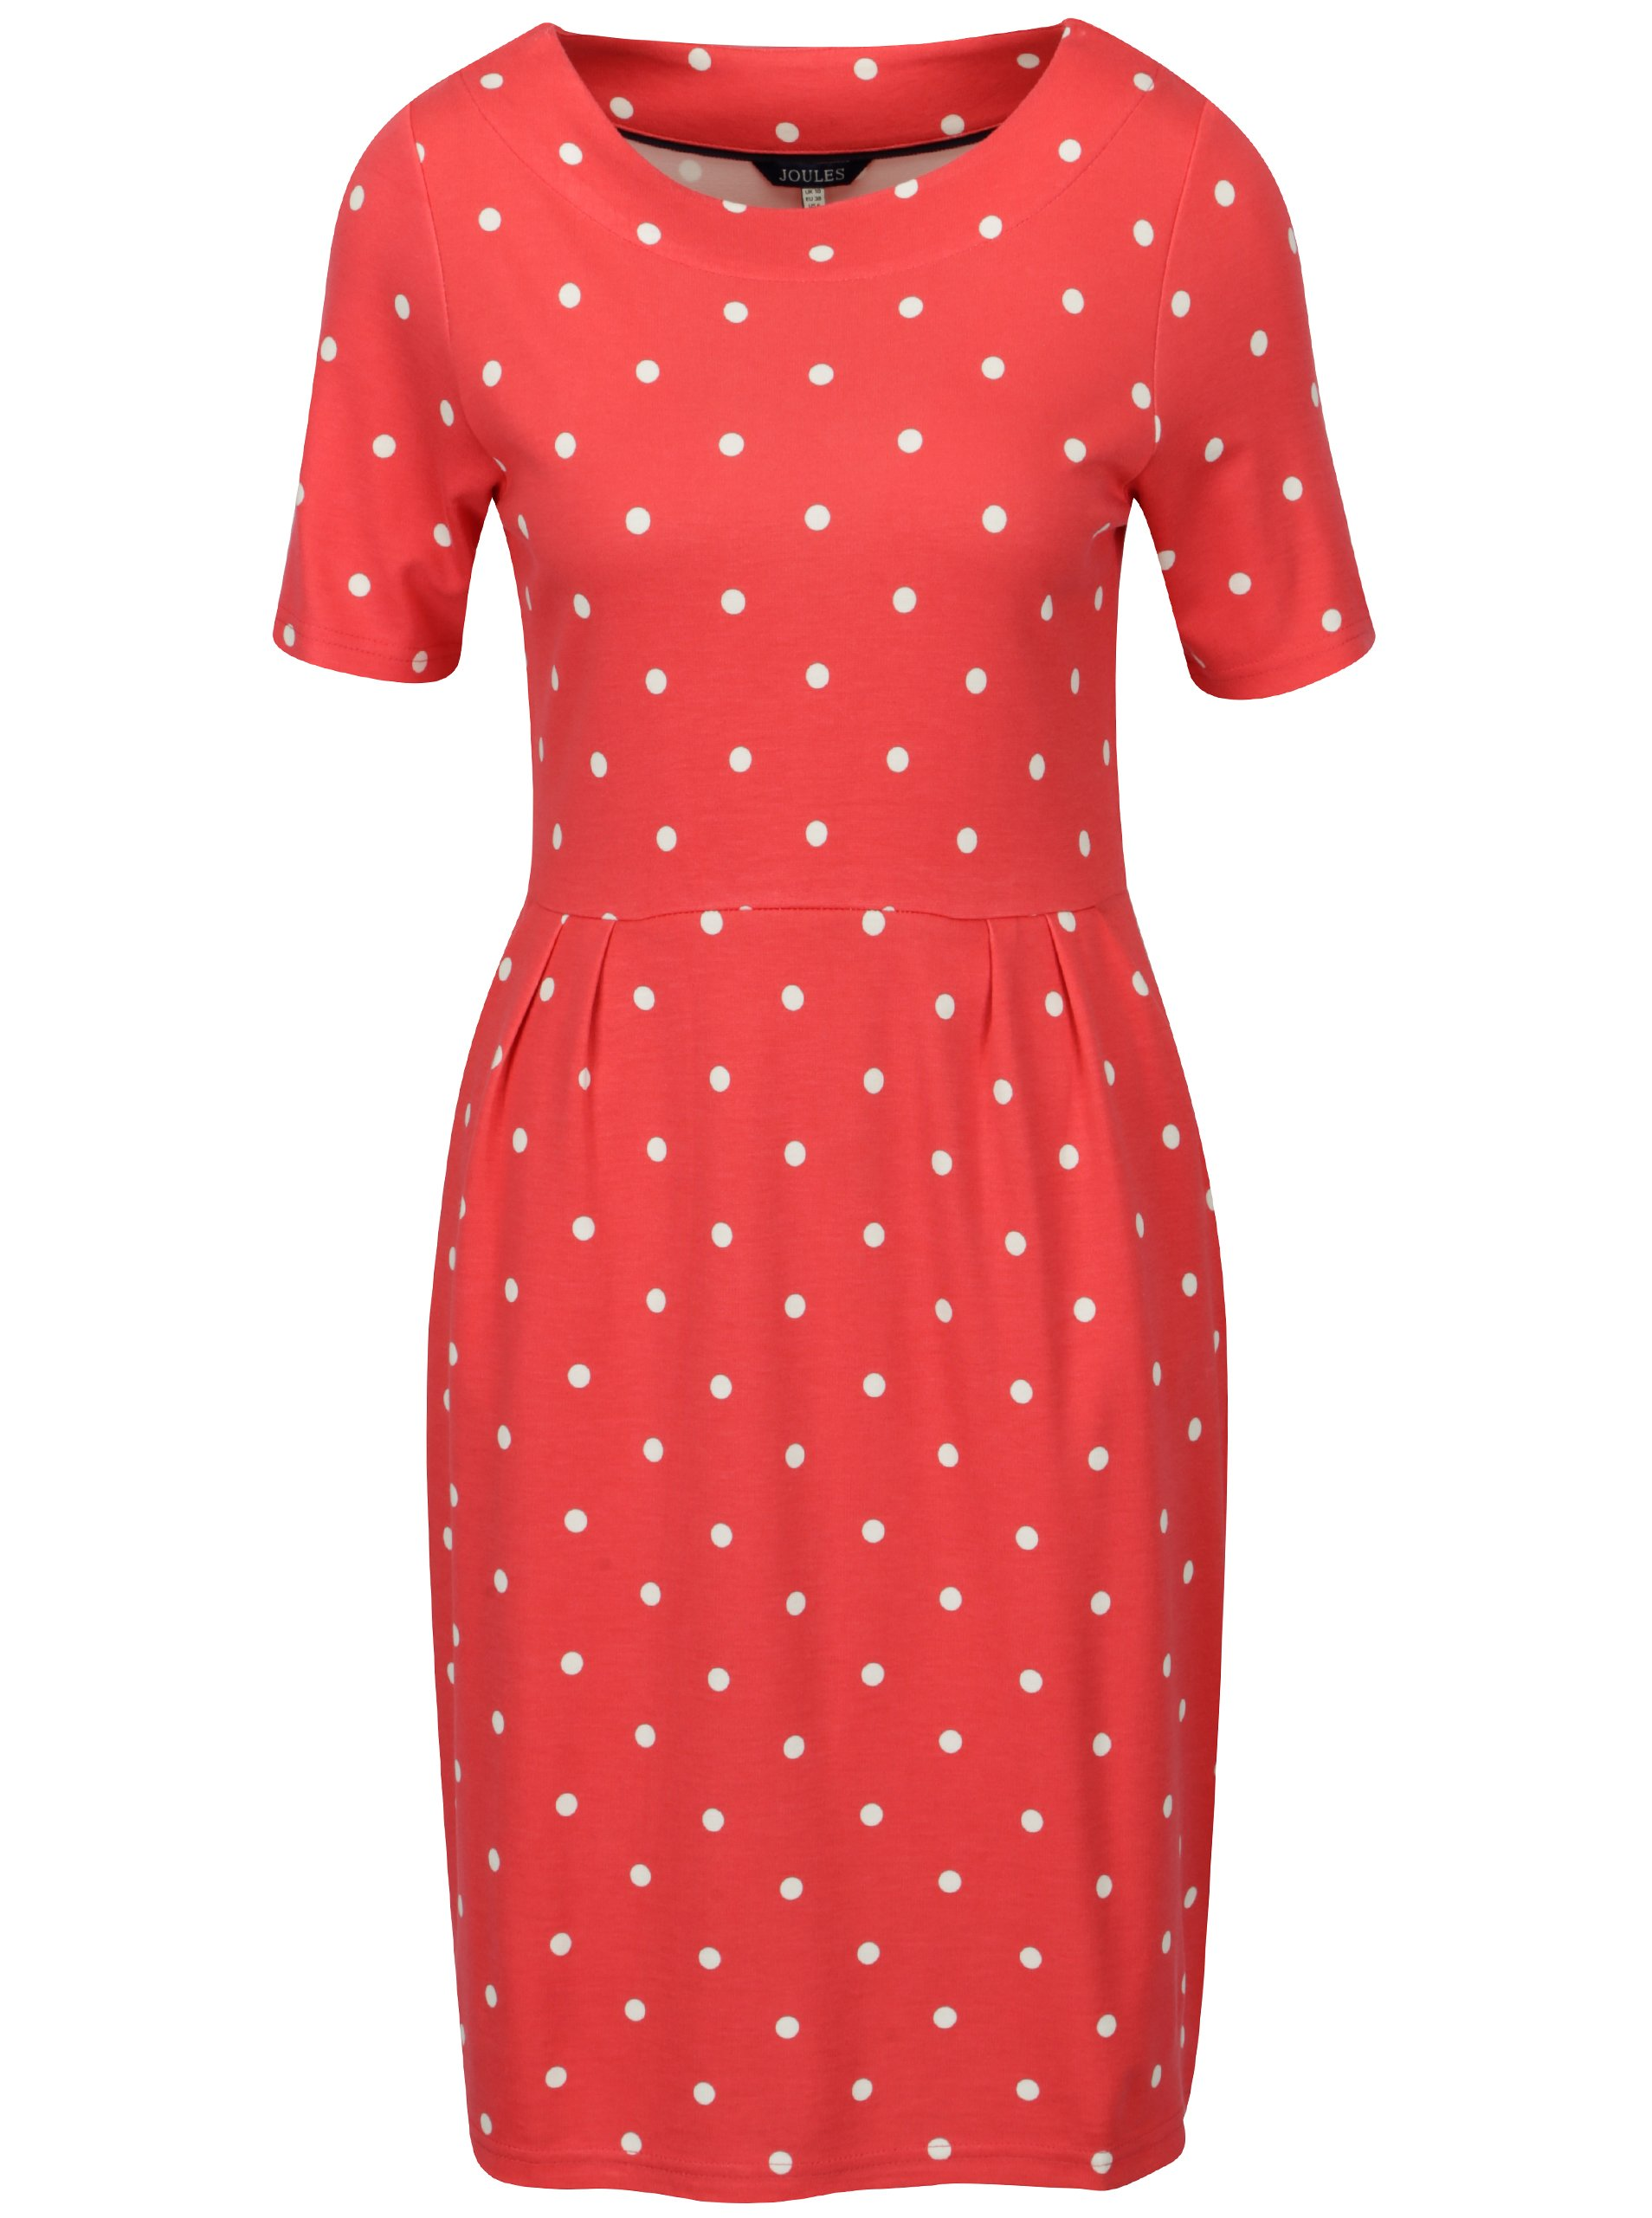 dae8c8492a85 Červené bodkované šaty Tom Joule Beth